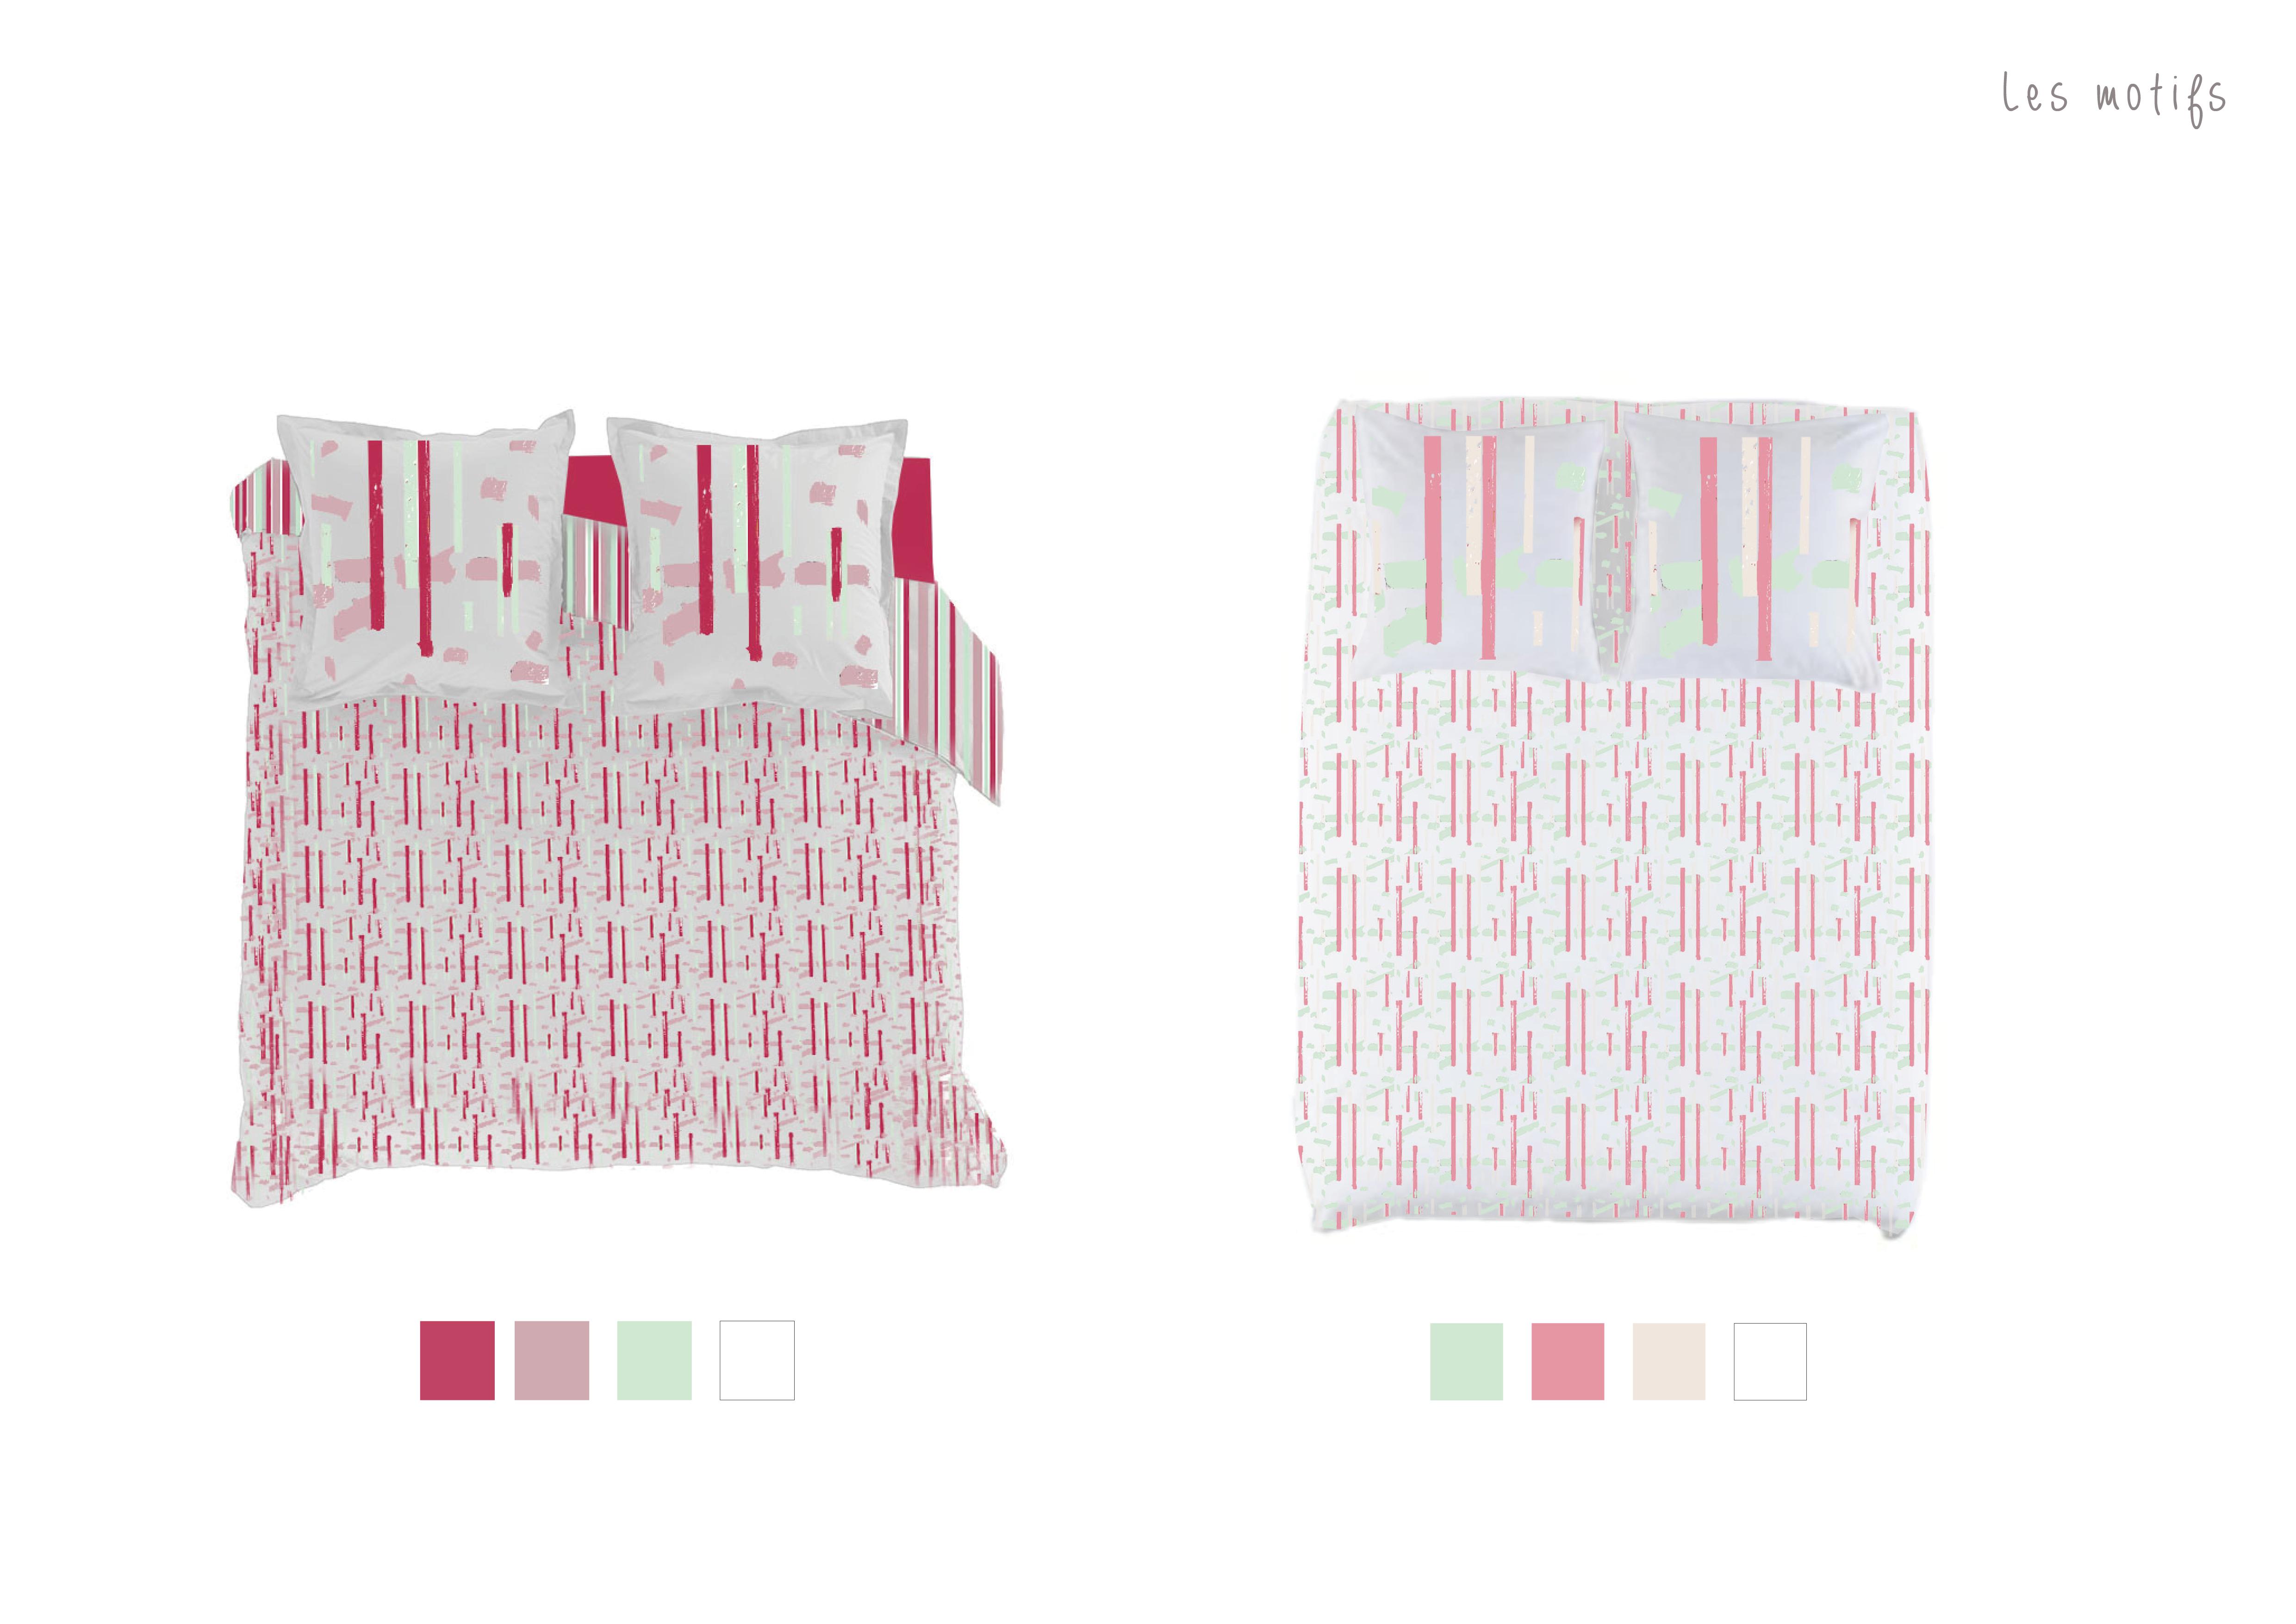 Graphisme motifs textile linge de lit latelierdelisa nimes2